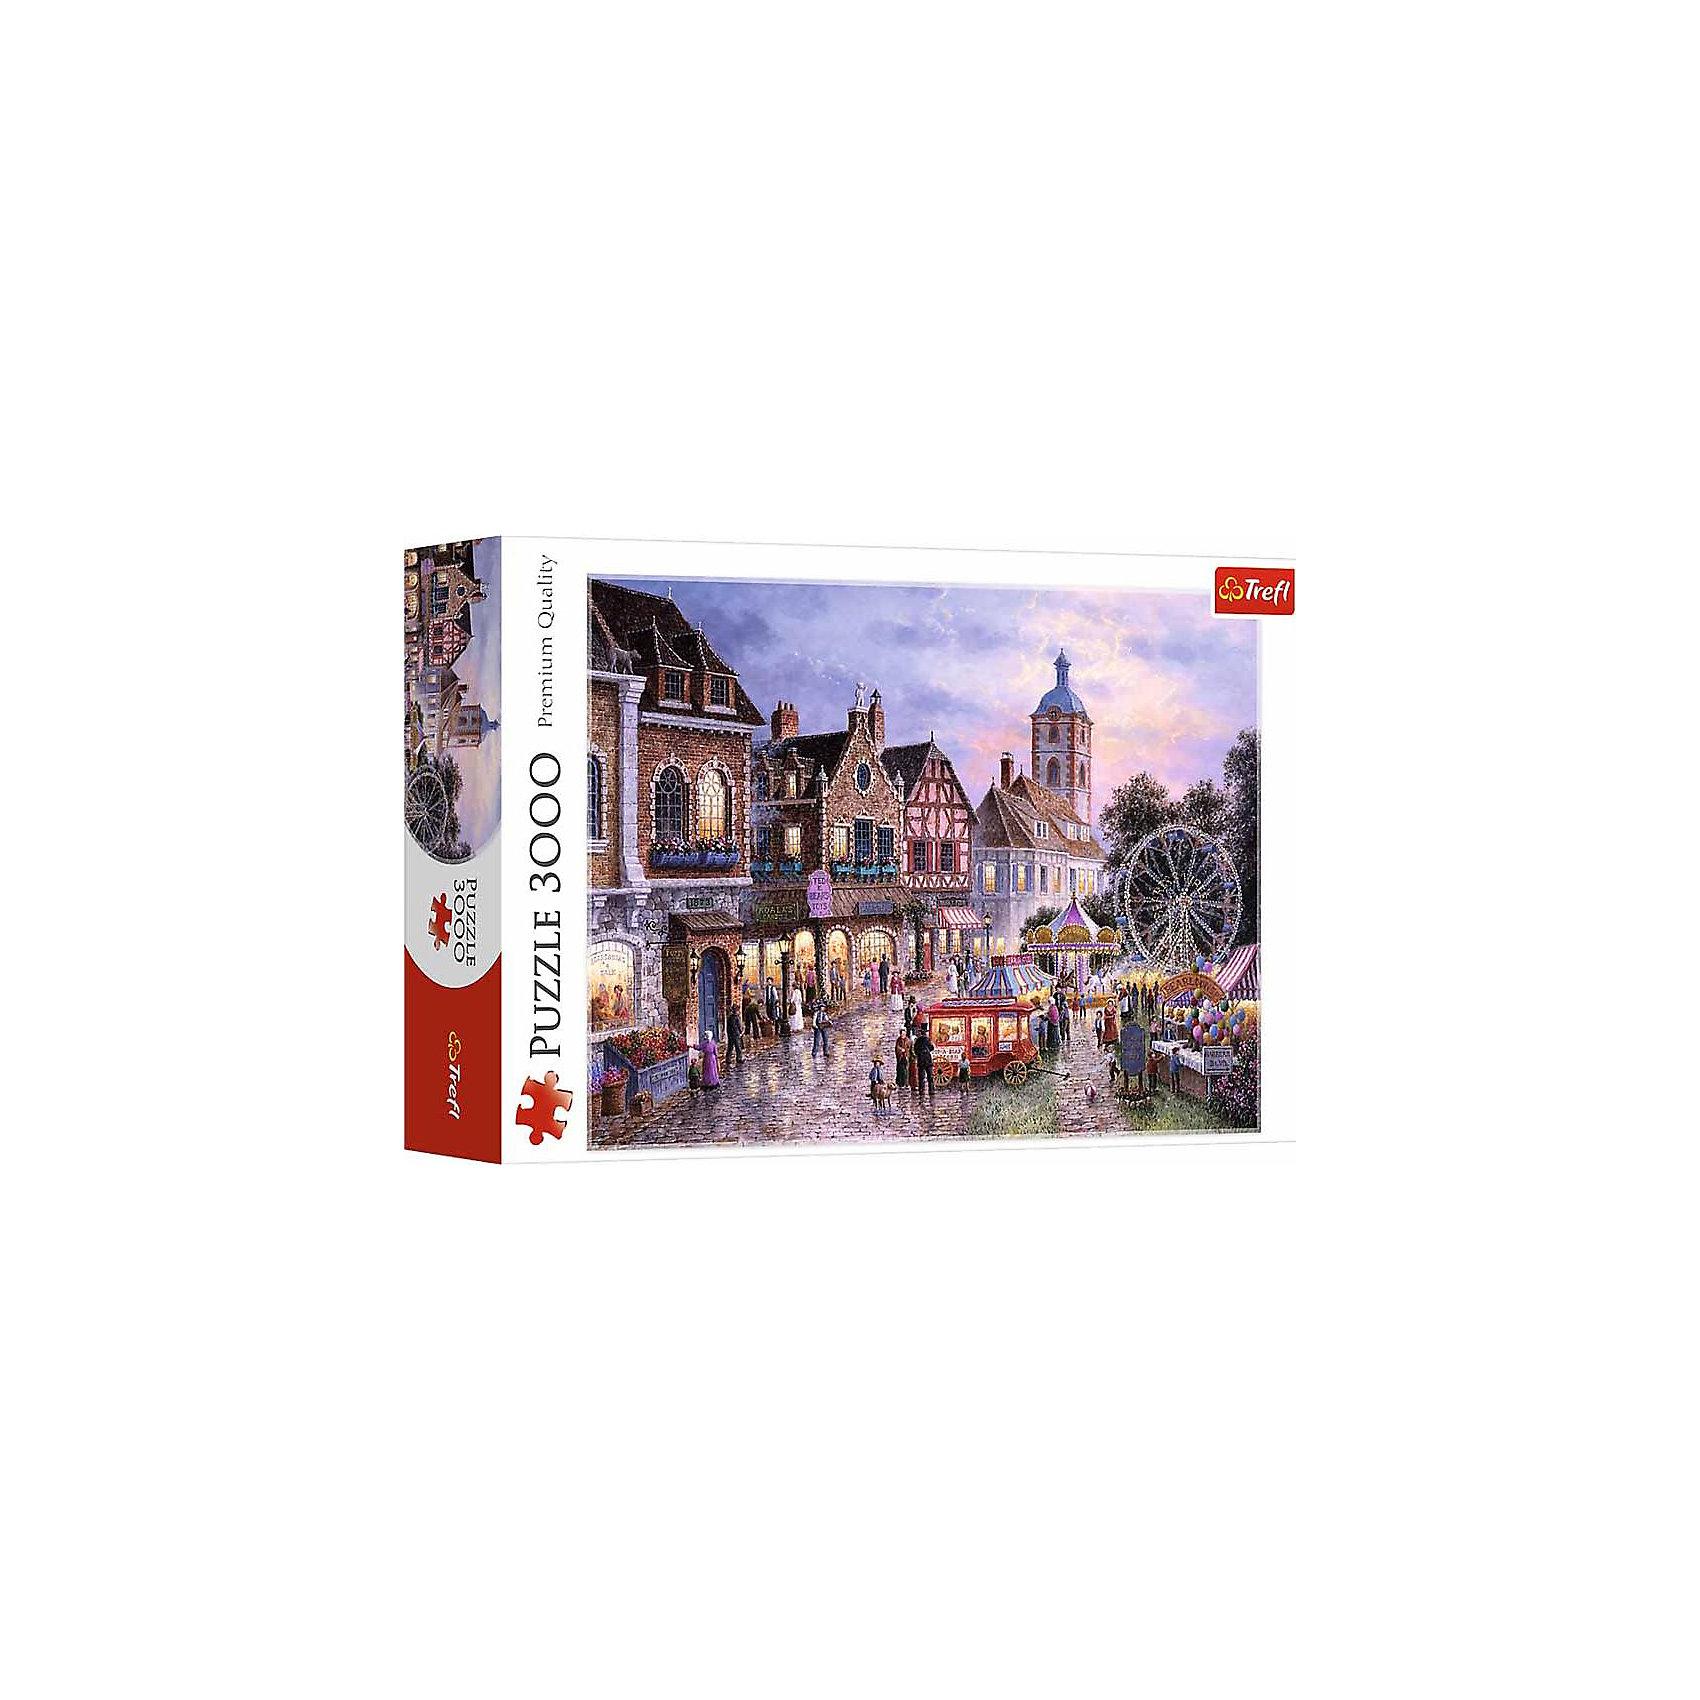 Пазлы Парк с аттракционами, 3000 элементовПазлы для детей постарше<br>Количество деталей: 3000 штук. <br>Размер изображения: 116х85 см. <br>Размер коробки: 39,8х26,6х9 см. <br>Стилизованный под старинную картину пазл «Парк аттракционов» позволяет собрать из деталей разнообразной формы изображение ярмарки, приехавшей в город, с каруселью, воздушными шарами, передвижным вагончиком с медвежатами и, конечно же, колесом обозрения. Красивый и нежный пазл будет отличным подарком для всех любителей спокойных игр старше 15 лет. <br>Этот пазл из категории игр, предназначенных для взрослых. На сборку 3000 деталей понадобится большое количество терпения, внимательности и времени. Но это очень увлекательный и интересный процесс, оторваться от которого практически невозможно! <br>Его производитель - известный польский бренд Trefl, зарекомендовавший себя у детей и взрослых из различных стран мира своими пазлами. Эти картинки не только разнообразны в сюжетах и стилях, но еще и очень качественны. Ведь детали пазлов Trefl выполнены из каландрированной бумаги, что обеспечивает им долговечность, яркий и насыщенный цвет, не стирающийся со временем, и великолепное качество. А, кроме того, игра изготовлена из экологически чистых материалов, что немаловажно на сегодняшний день.<br><br>Ширина мм: 266<br>Глубина мм: 398<br>Высота мм: 90<br>Вес г: 1950<br>Возраст от месяцев: 180<br>Возраст до месяцев: 2147483647<br>Пол: Унисекс<br>Возраст: Детский<br>SKU: 7126286